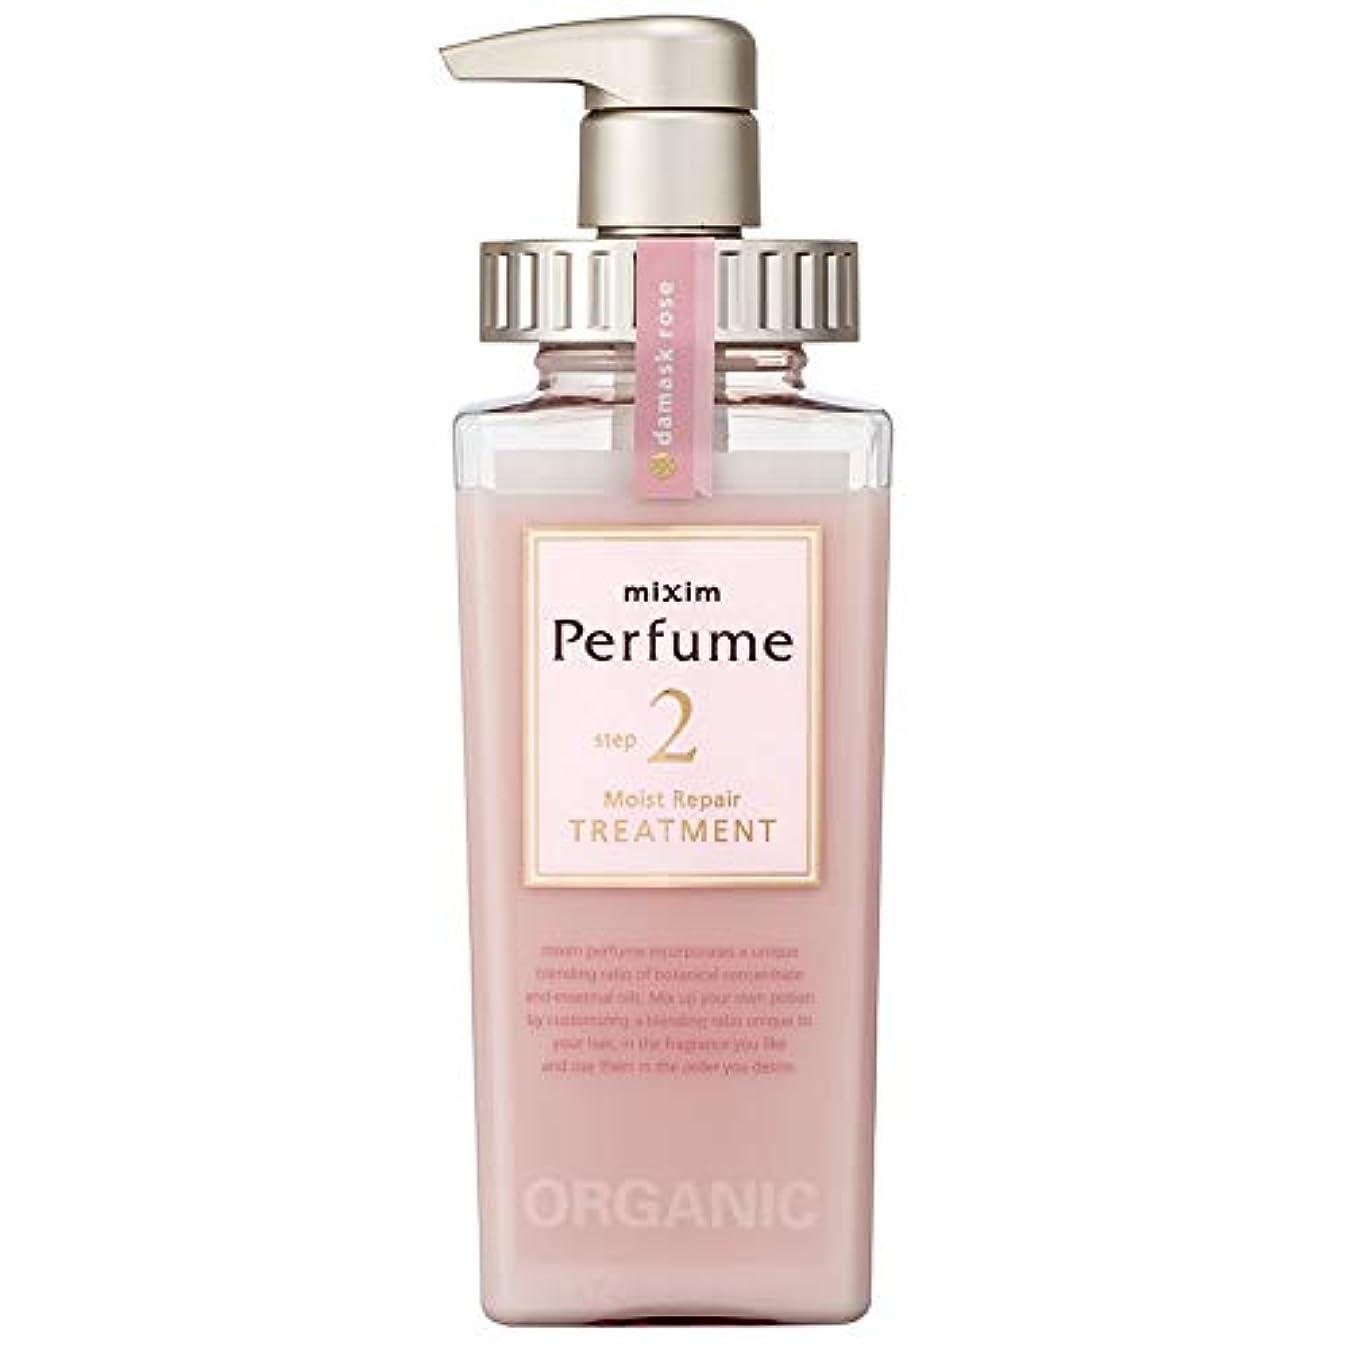 種をまく目覚める仮定、想定。推測mixim Perfume(ミクシムパフューム) モイストリペア ヘアトリートメント 440g